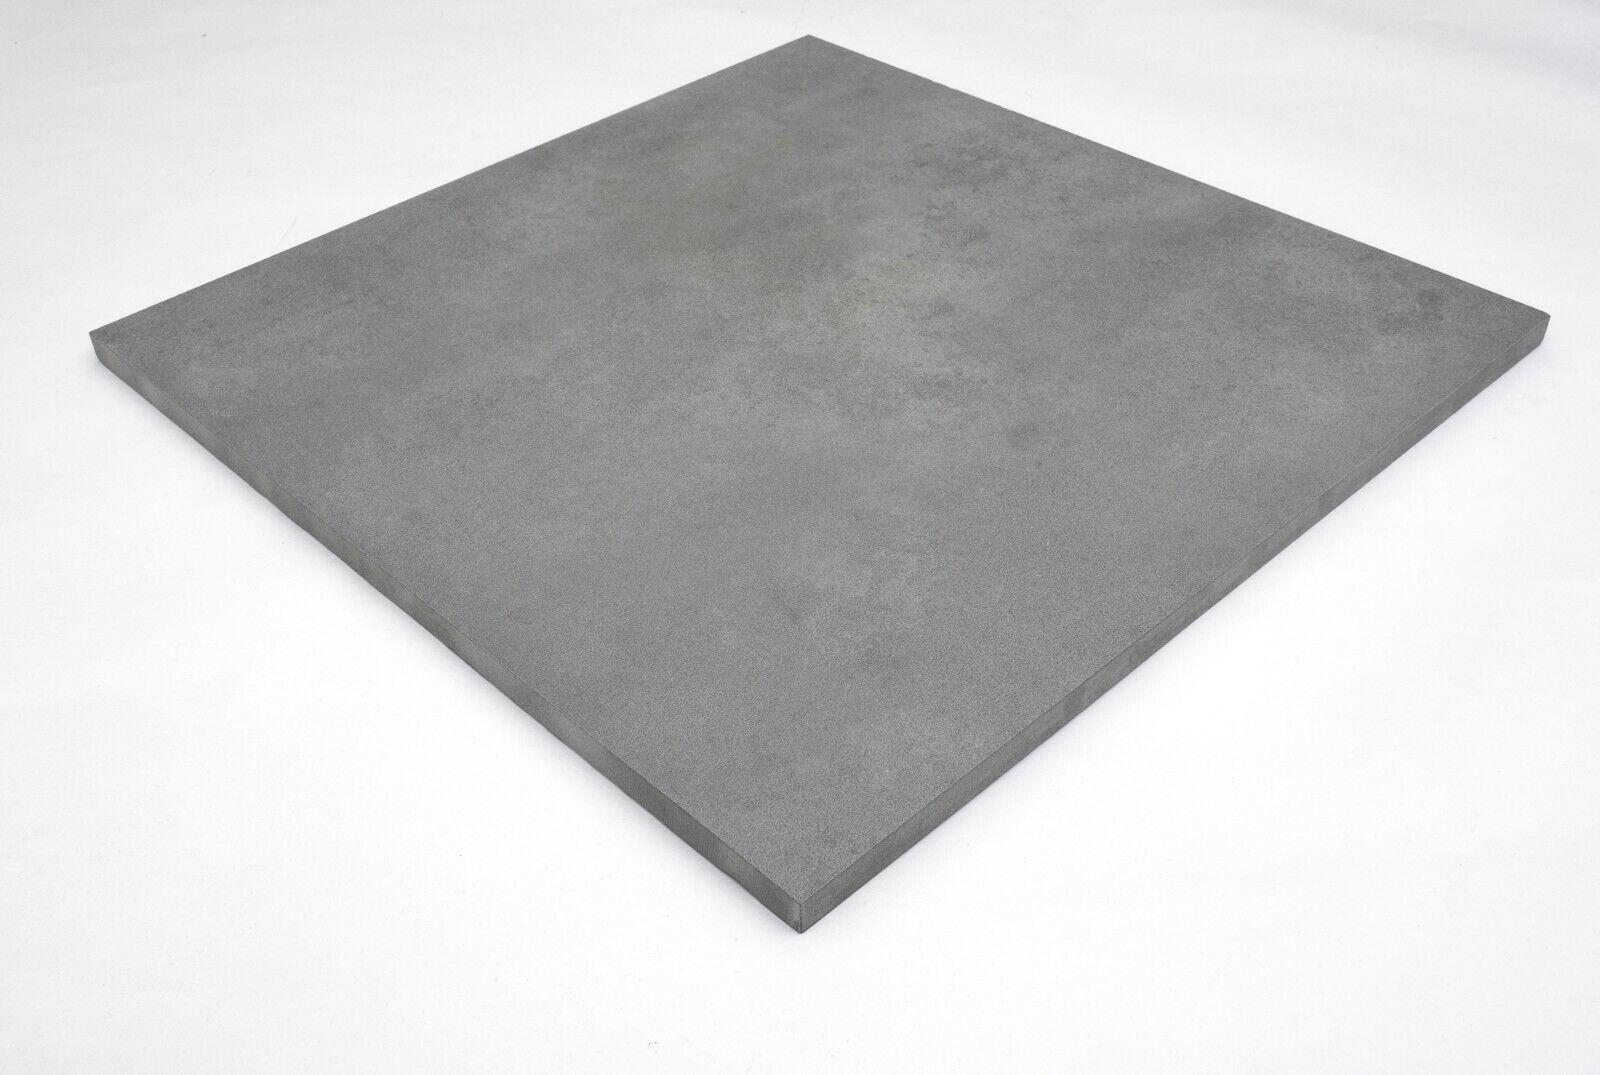 20 m² Terrassenplatten Grau 60x60cm Keramik Feinstein Stein Terrassenfliesen